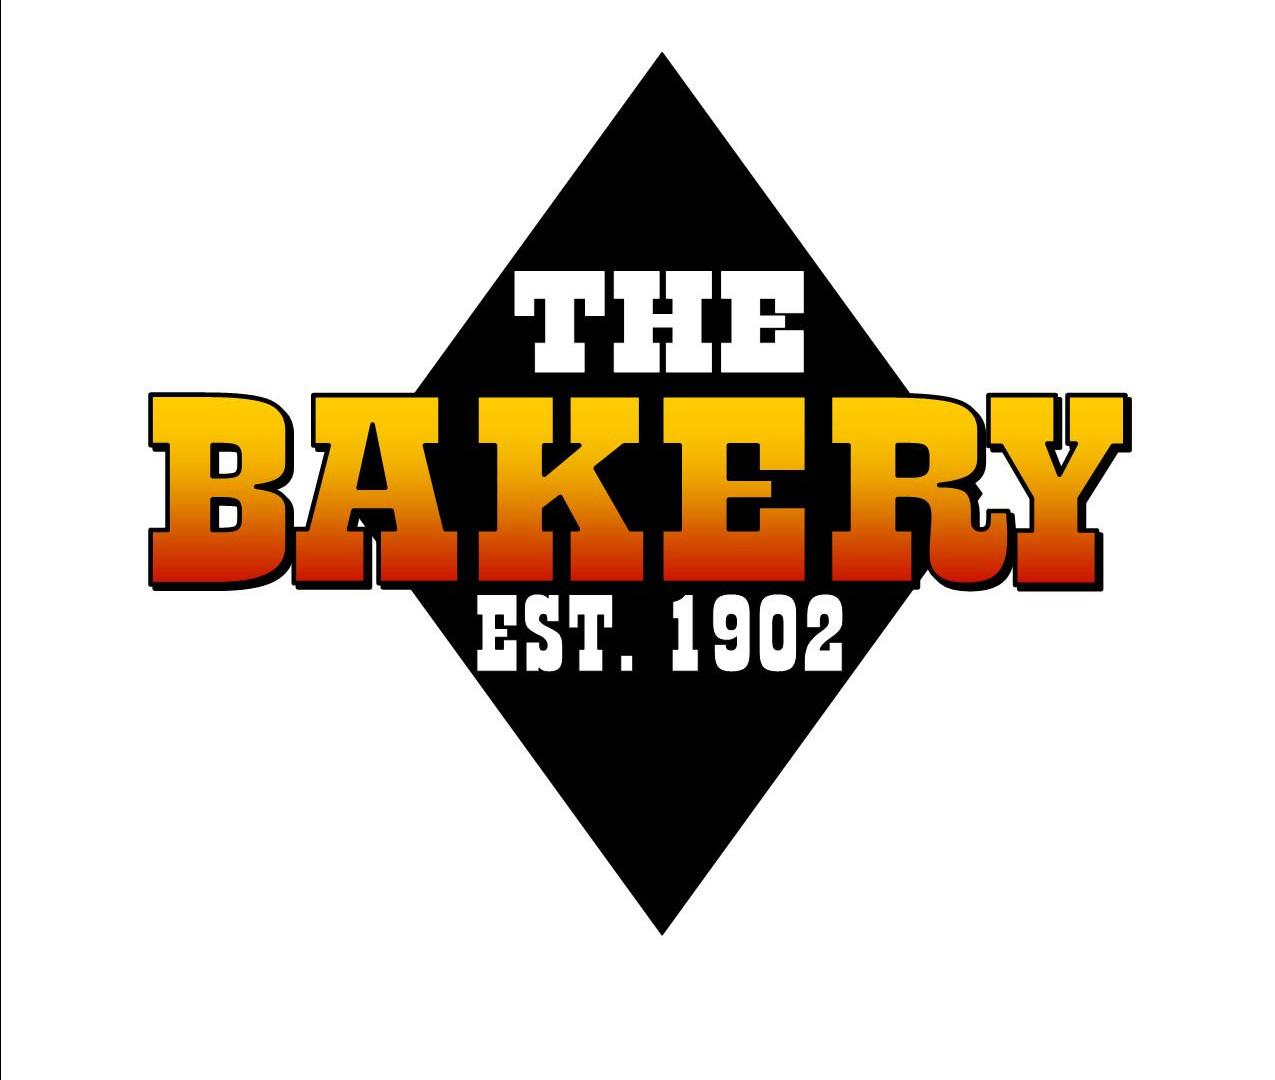 Logo update/design for the Black Diamond Bakery